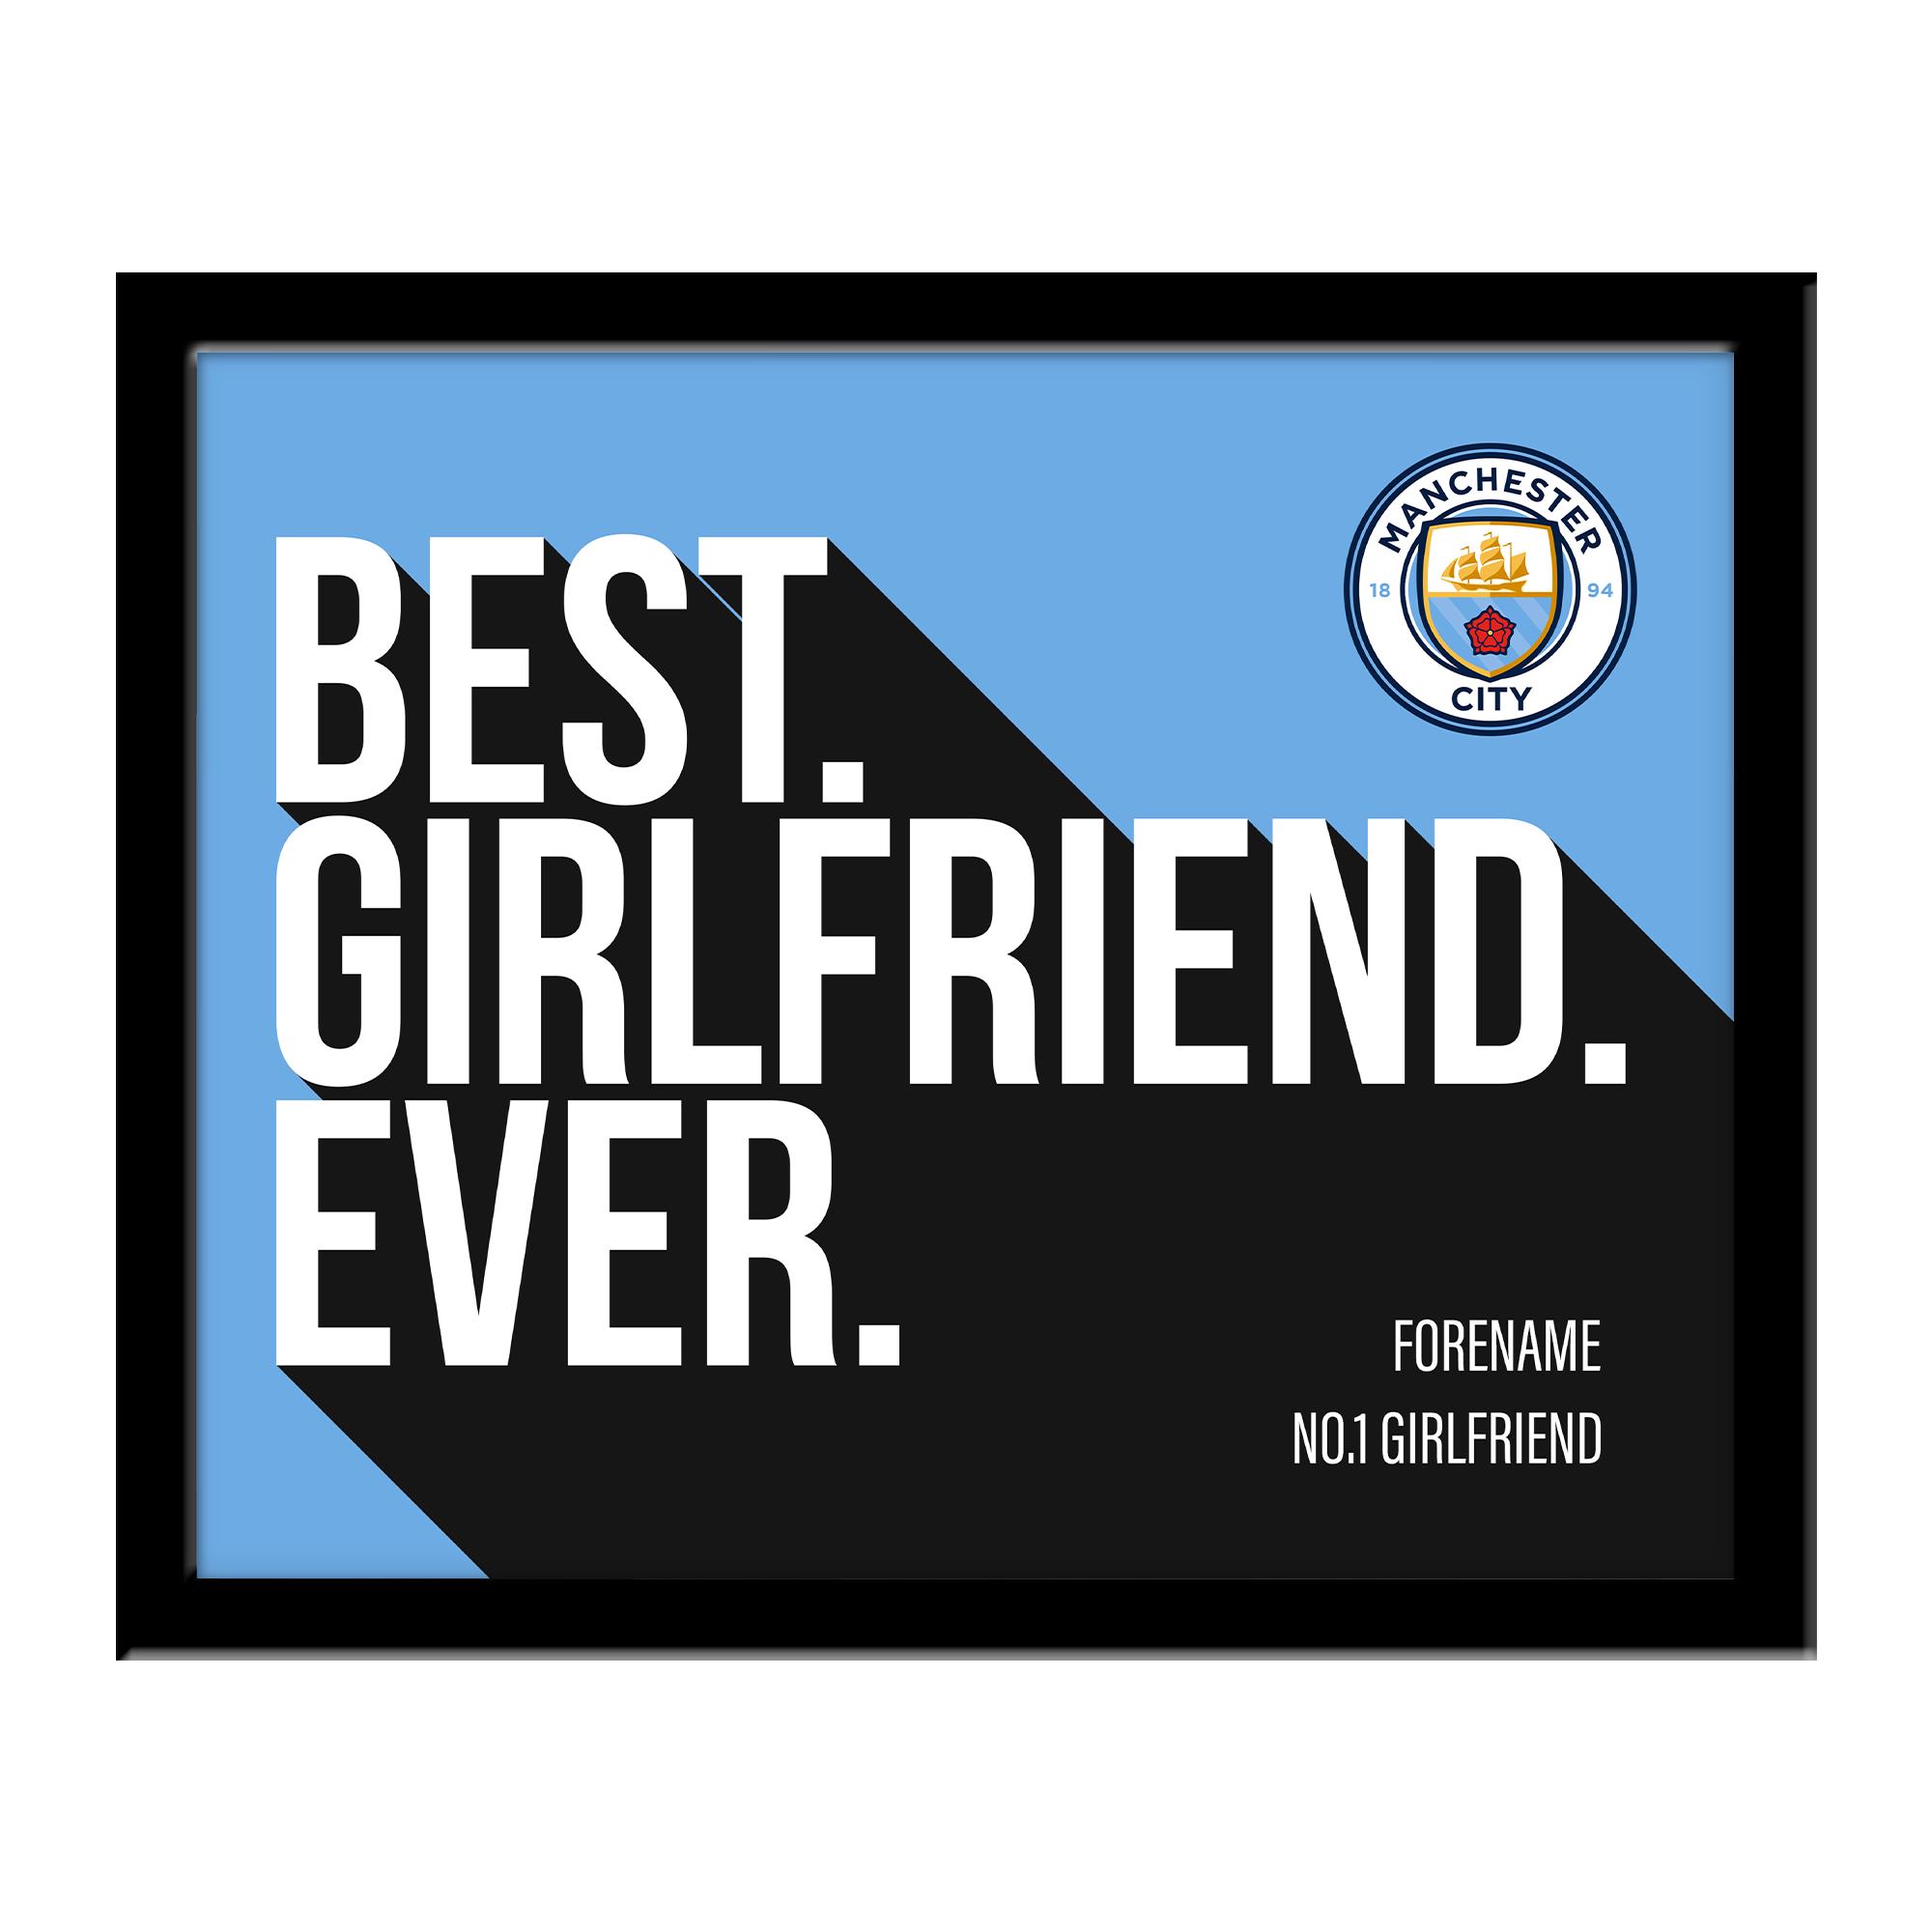 Manchester City FC Best Girlfriend Ever 10 x 8 Photo Framed